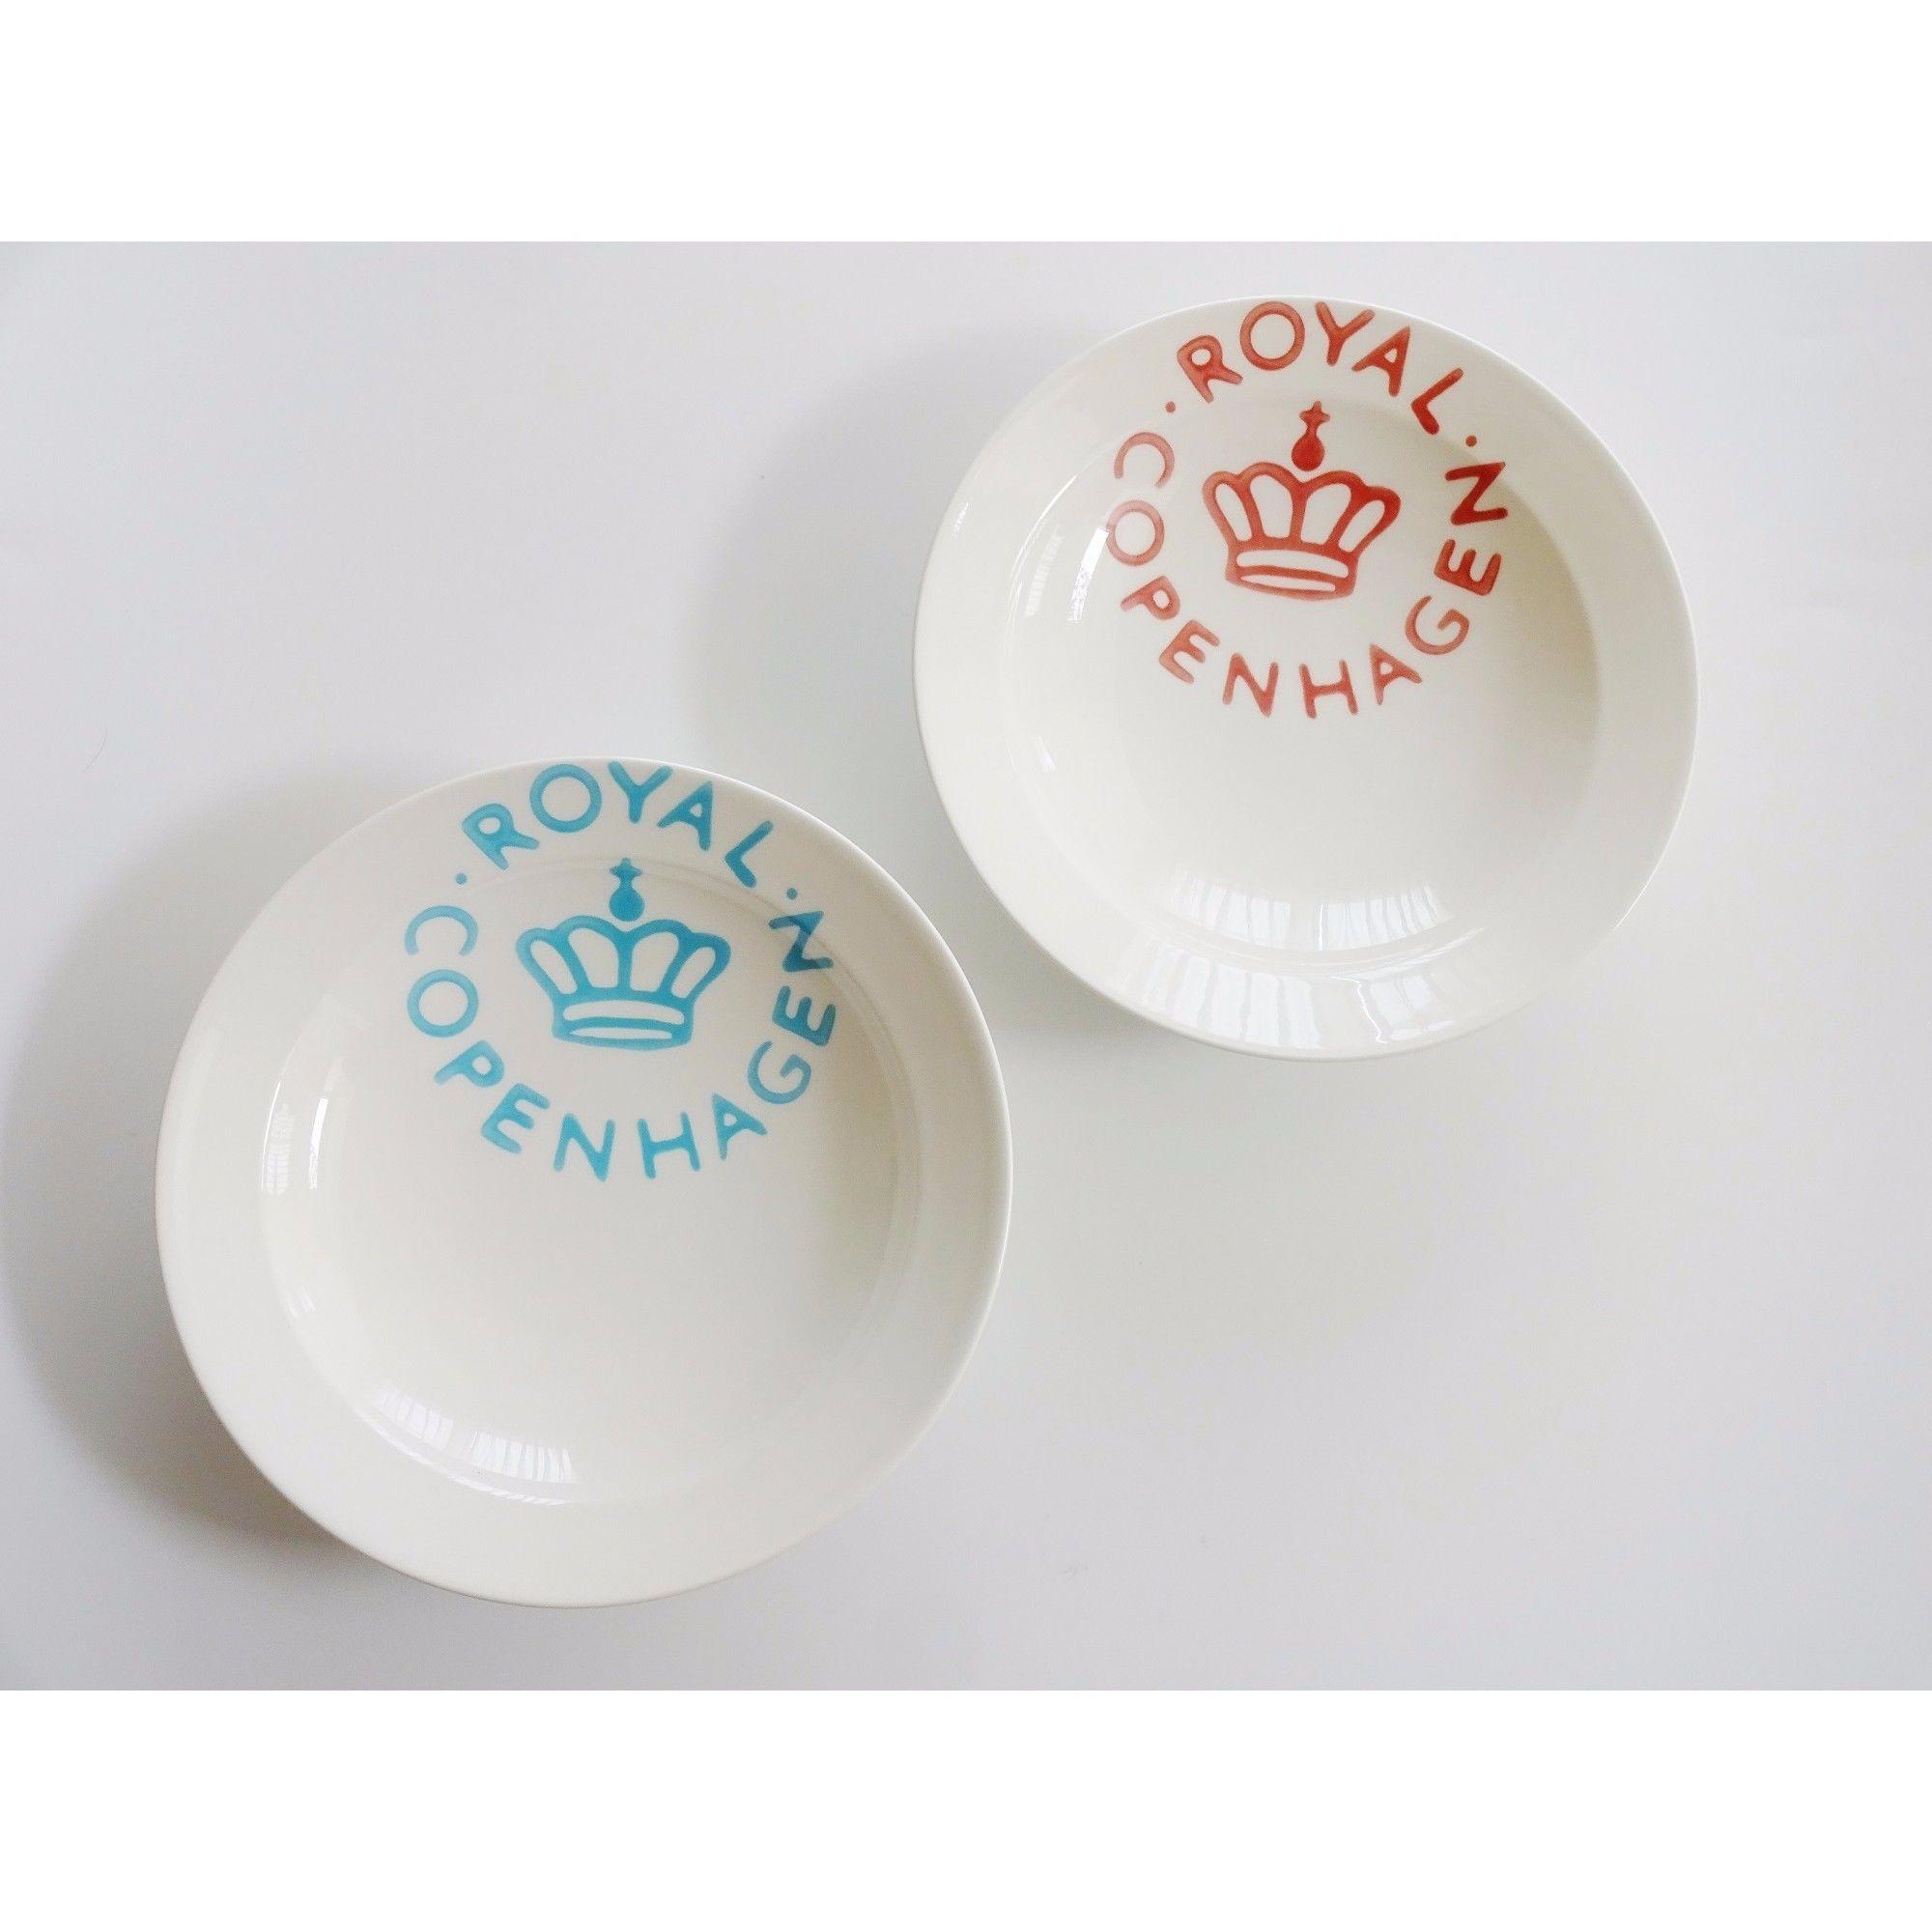 ロイヤルコペンハーゲン ニューシグネチャー スープ・パスタプレート20cmペア(ブルー・レッド)